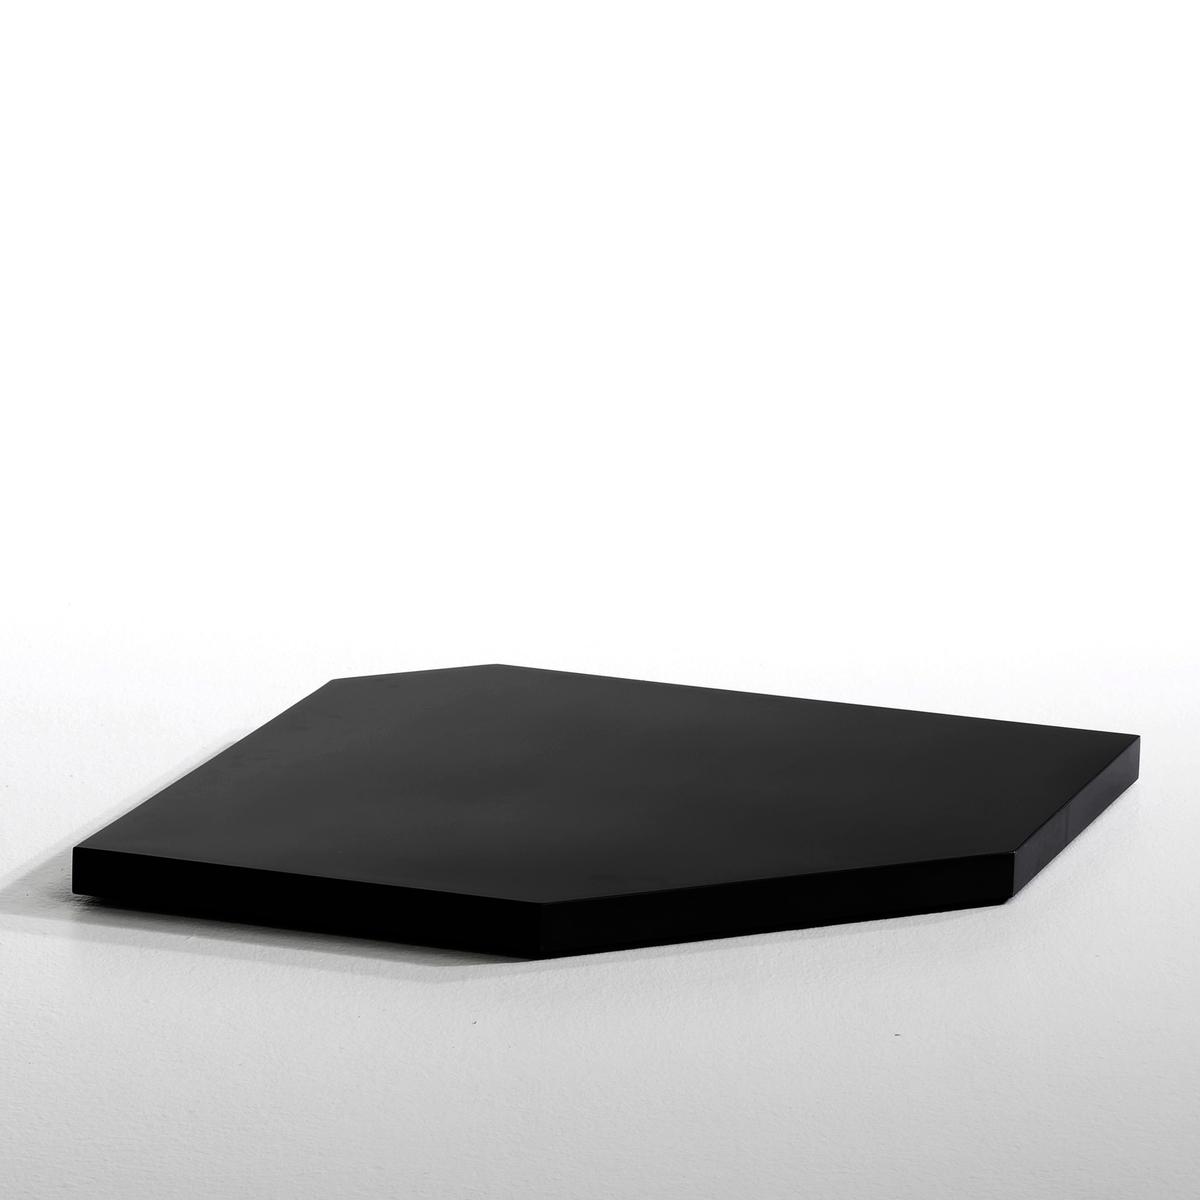 Угловая полка Kyriel для гардеробнойХарактеристики :- Из МДФ с покрытием ПУ лаком или отделкой под орех- Крепится к опоре благодаря кронштейнам угловой этажерки.Размеры :- 63 x 3,5 x 63 см Размеры и вес упаковки :- 73,6 x 10 x 71 см, 5,21 кг<br><br>Цвет: черный